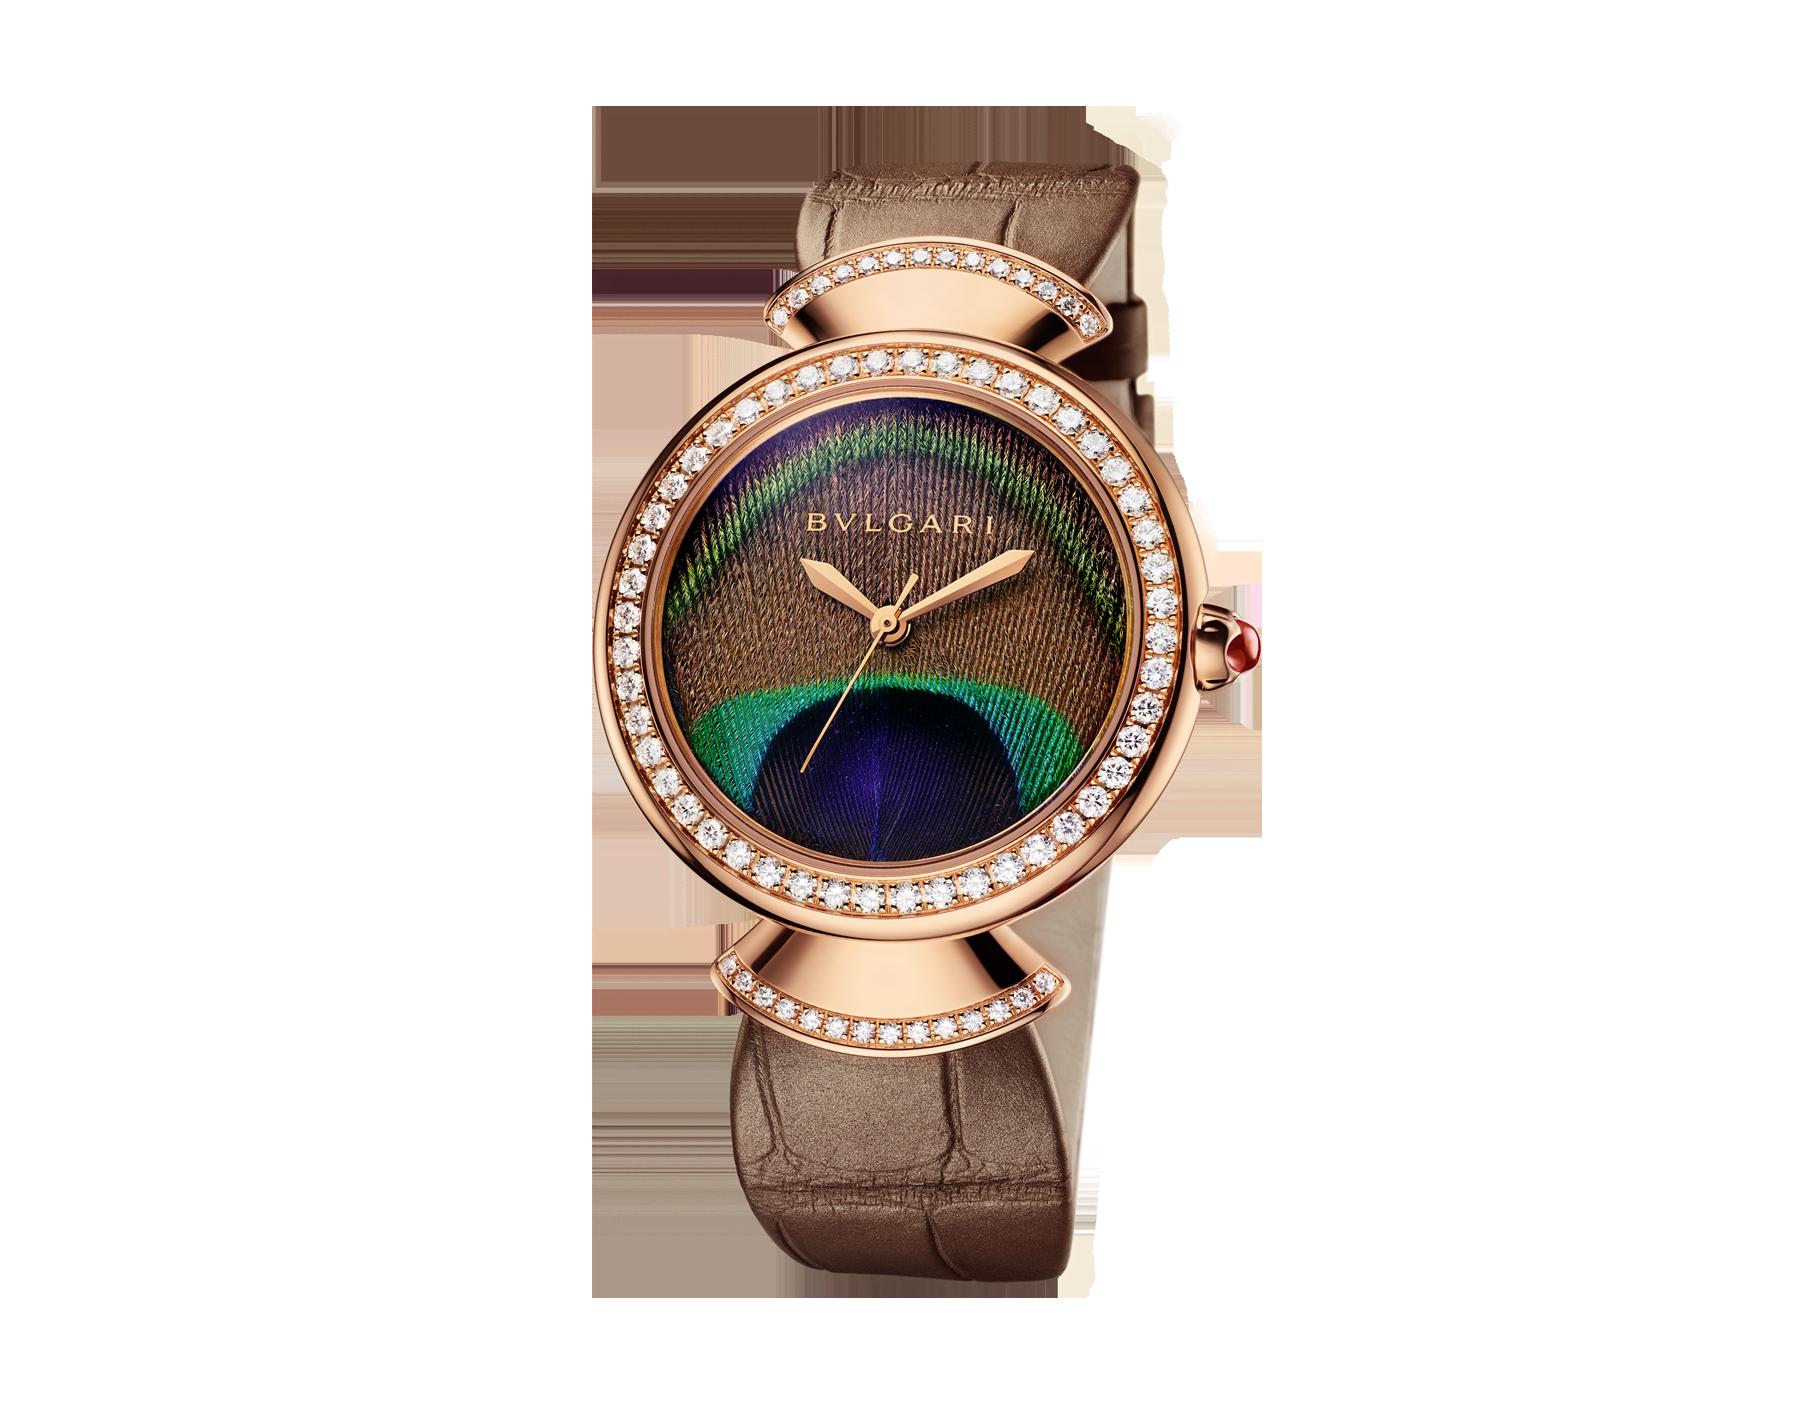 Часы DIVAS' DREAM, мануфактурный механизм с автоматическим заводом, корпус из розового золота 18 карат, безель и крепления в форме веера из розового золота 18 карат с бриллиантами классической огранки, циферблат с настоящим пером павлина, ремешок из блестящей кожи аллигатора бежевого цвета 103139 image 2